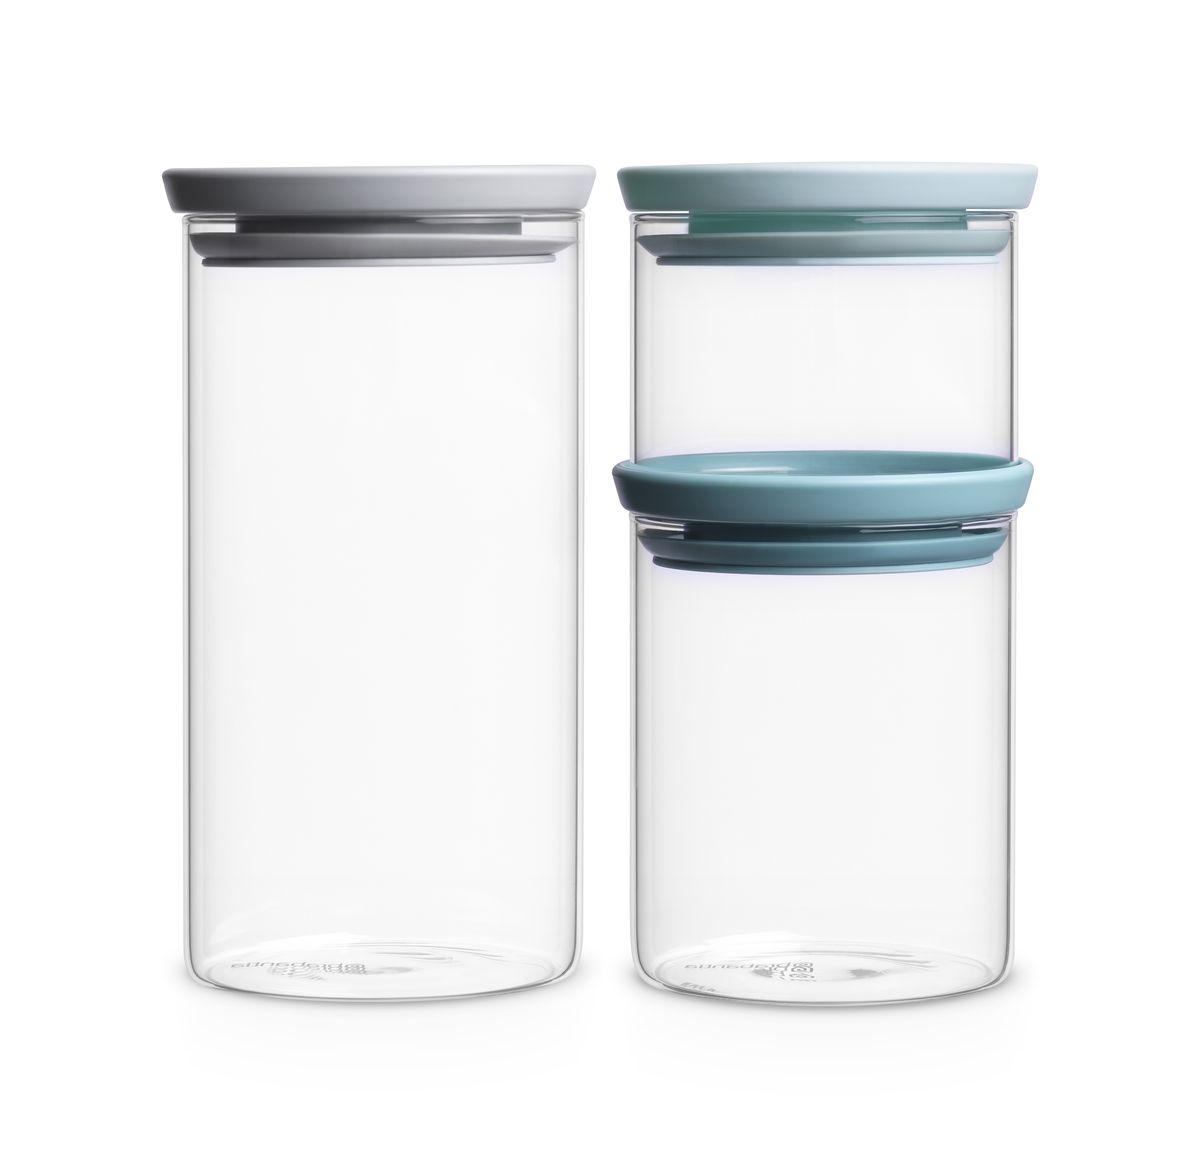 Набор емкостей для сыпучих продуктов Brabantia, 3 шт0721690Набор Brabantia, изготовленный из высококачественного стекла, состоит из 3 емкостей для сыпучих продуктов разного объема. Банки прекрасно подойдут для хранения различных сыпучих продуктов: специй, чая, кофе, сахара, круп и многого другого. Емкости надежно закрываются пластиковыми крышками, которые снабжены силиконовыми уплотнителями для лучшей фиксации. Благодаря этому они будут дольше сохранять свежесть ваших продуктов.Функциональные и вместительные, такие емкости станут незаменимыми аксессуарами на любой кухне. Можно мыть в посудомоечной машине.Литраж банок: 0,3 л, 0,6 л, 1,1 л.